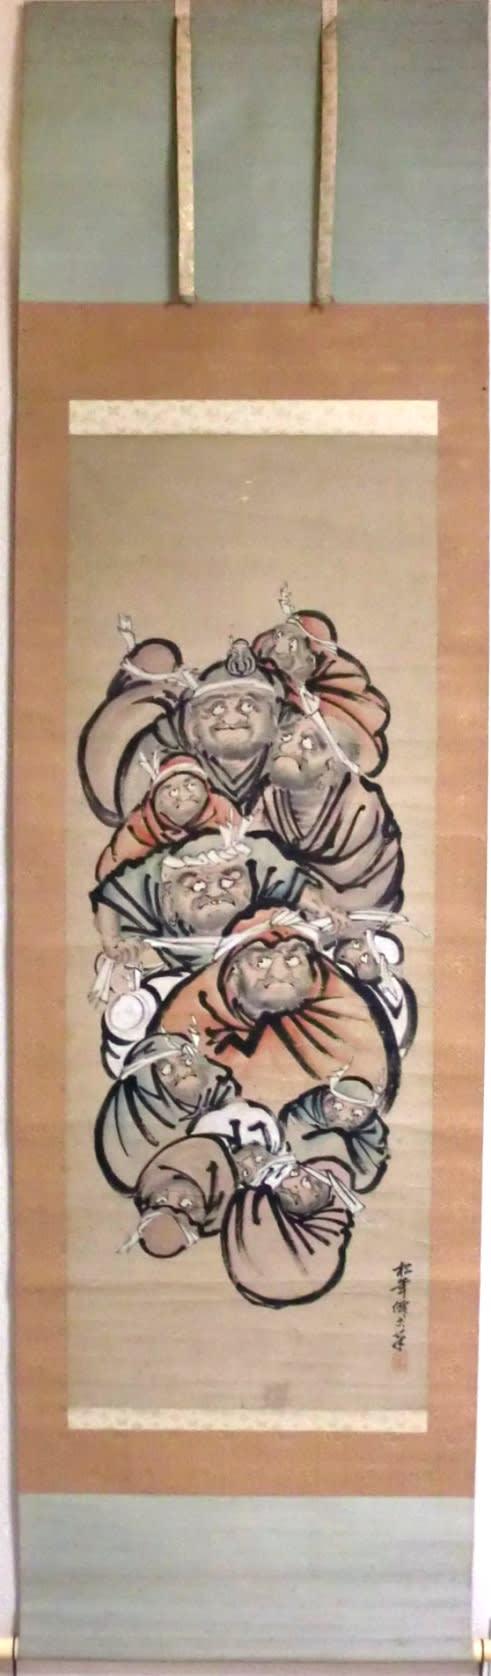 鈴木松年の画像 p1_17